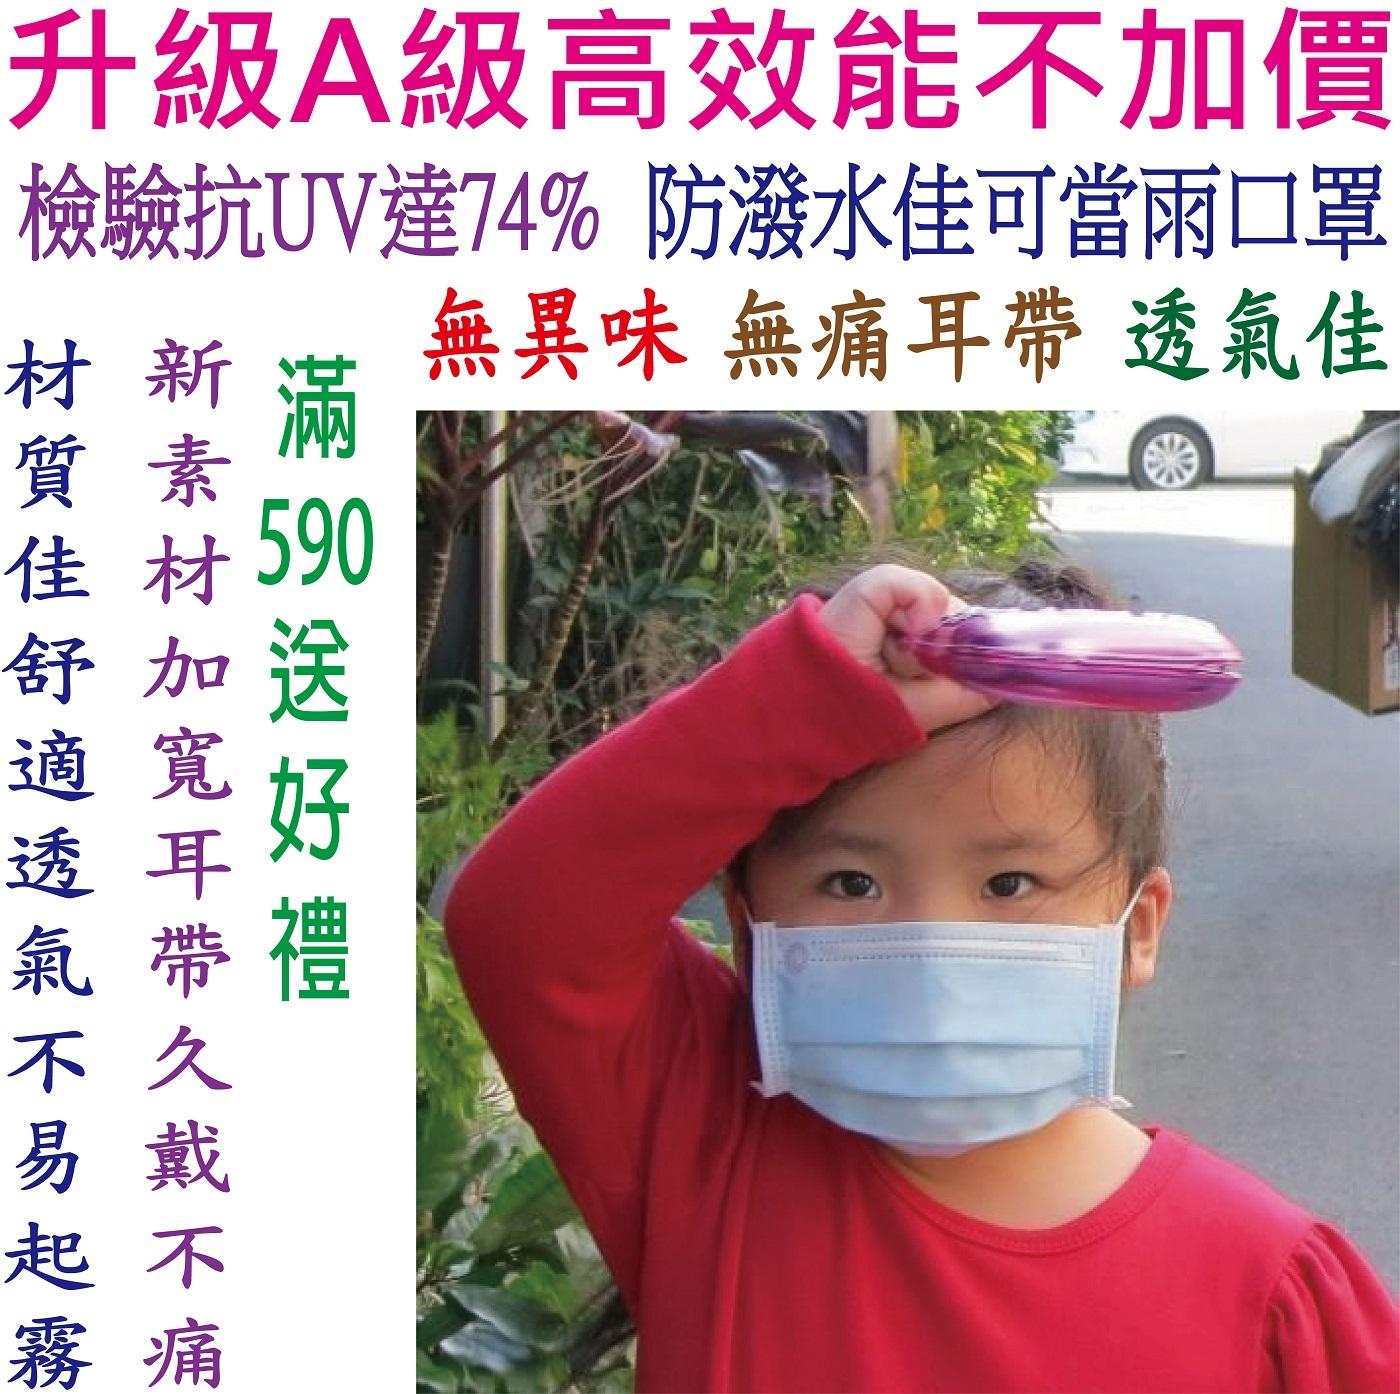 兒童口罩 防曬口罩 附檢驗報告【台灣製-抗UV三層不織布口罩】(A級高效能)@兒童-藍色@無異味